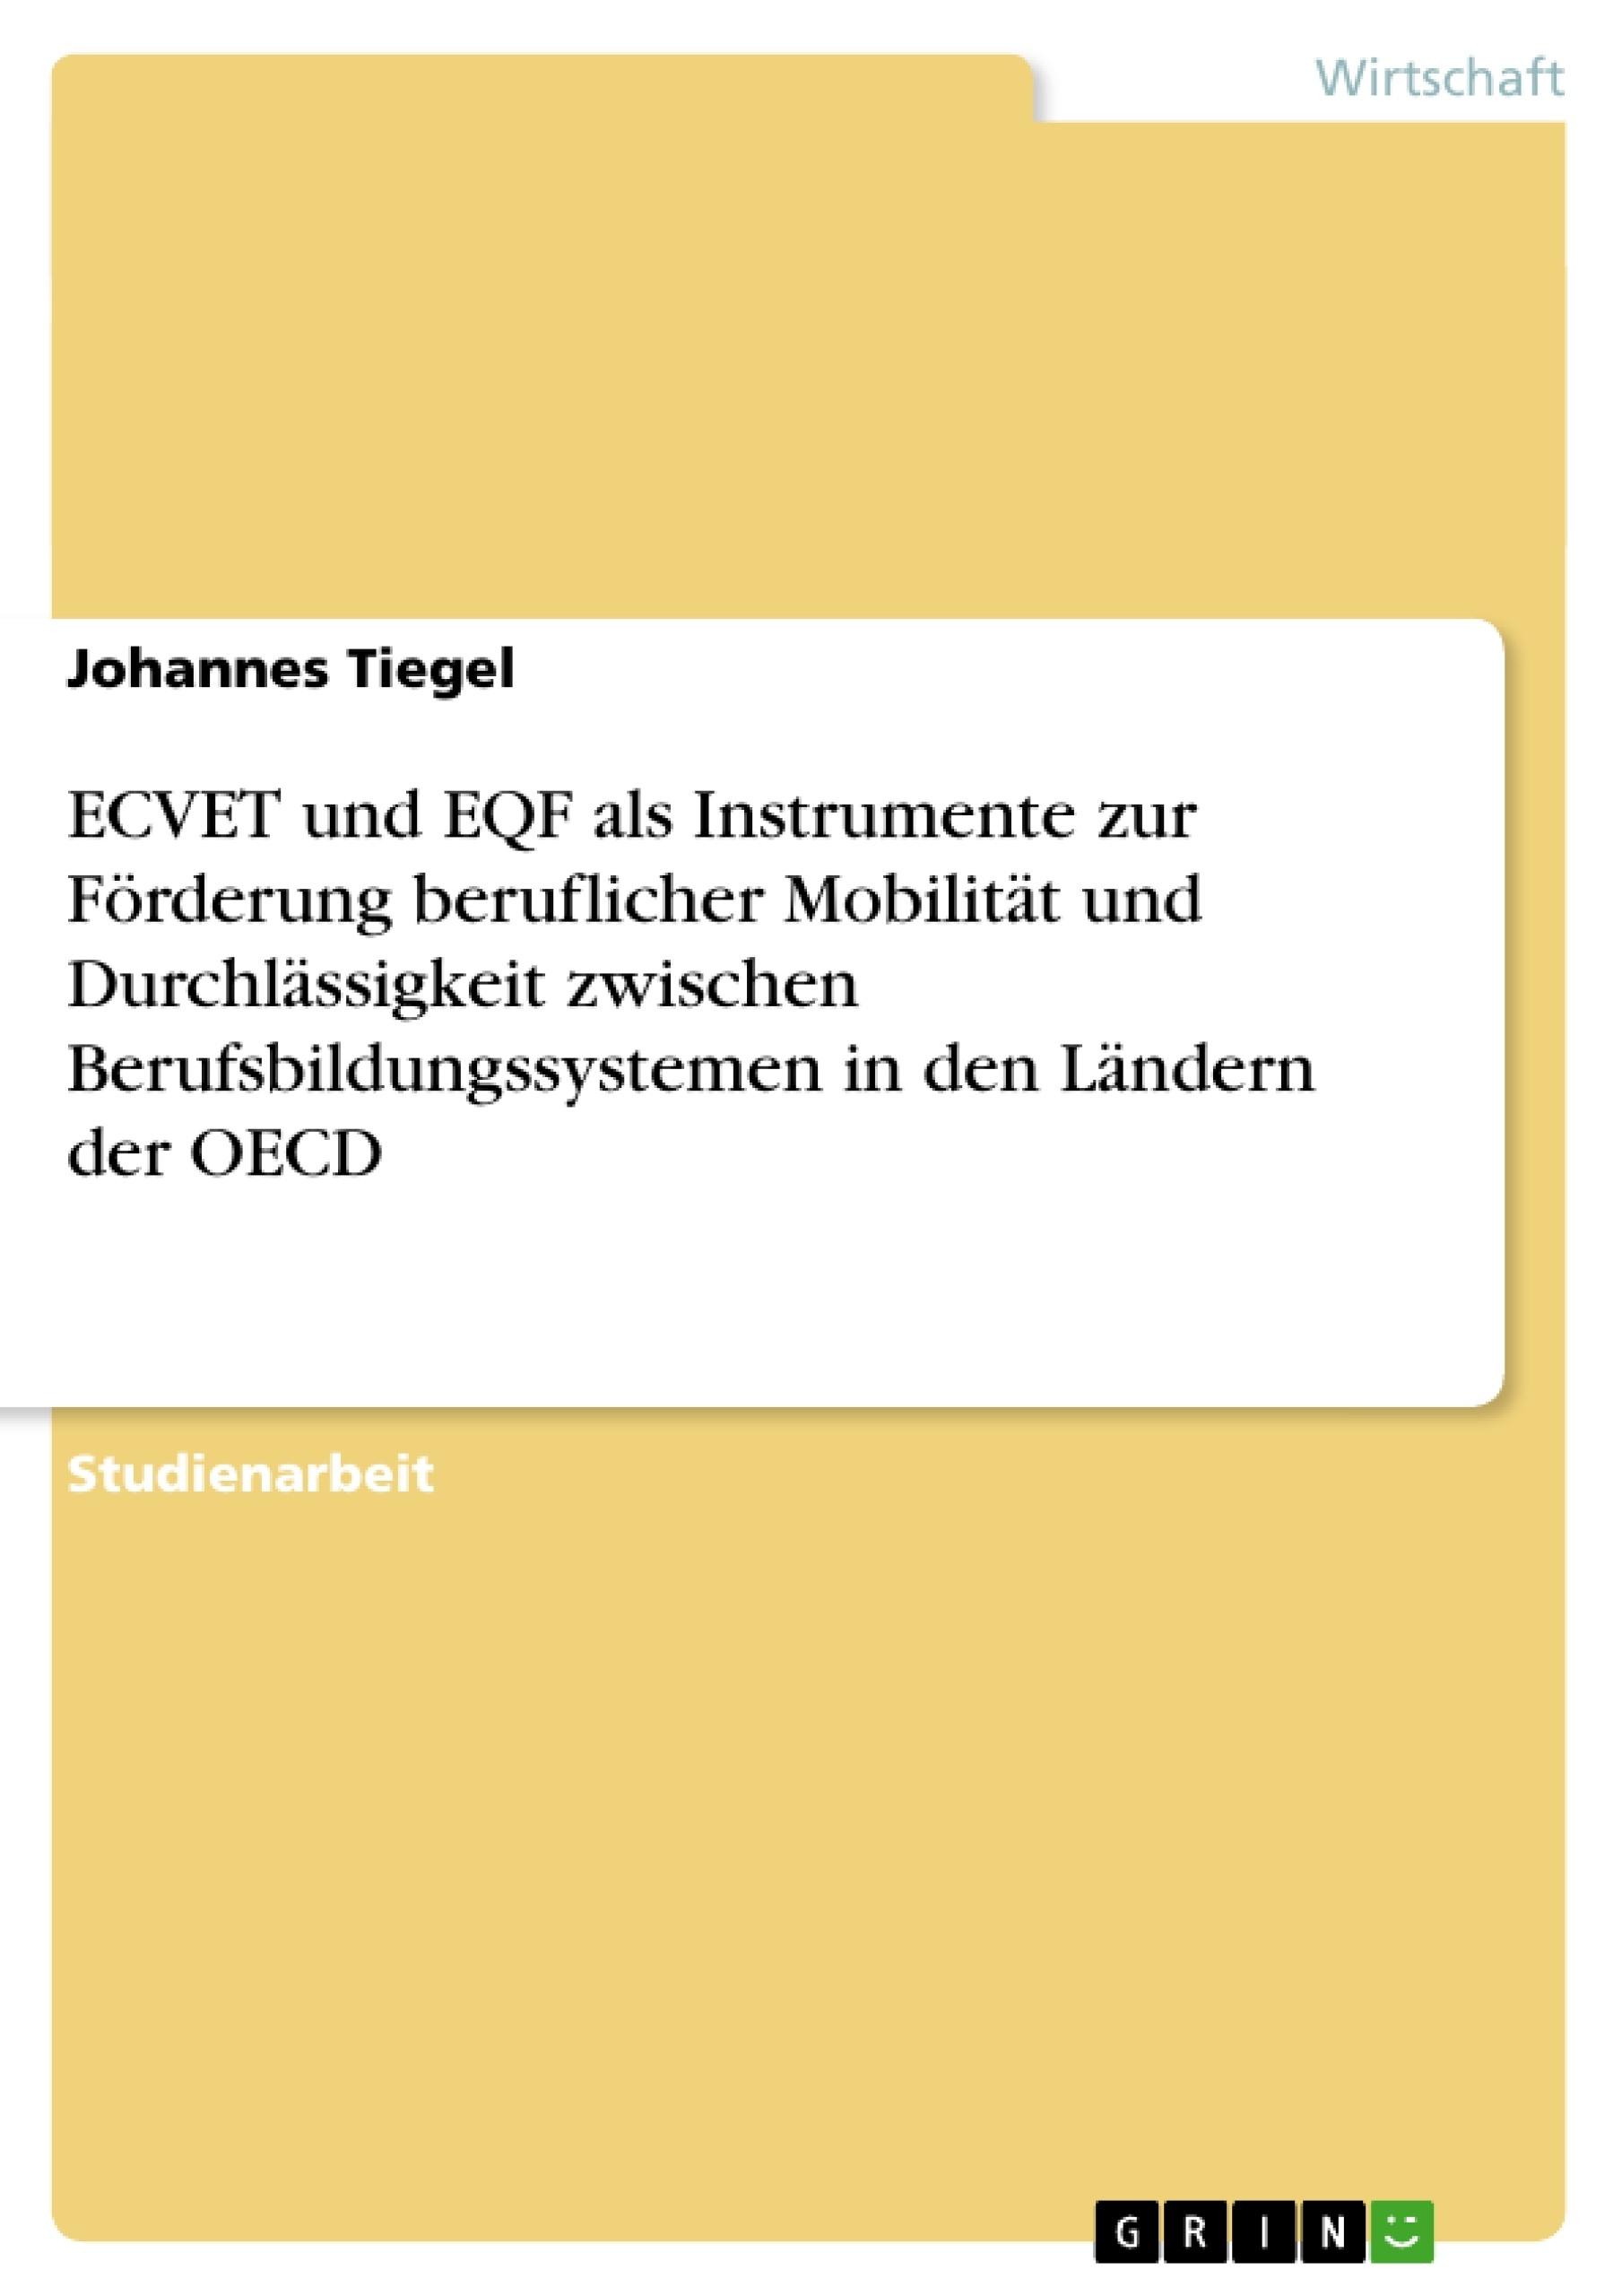 Titel: ECVET und EQF als Instrumente zur Förderung beruflicher Mobilität und Durchlässigkeit zwischen Berufsbildungssystemen in den Ländern der OECD